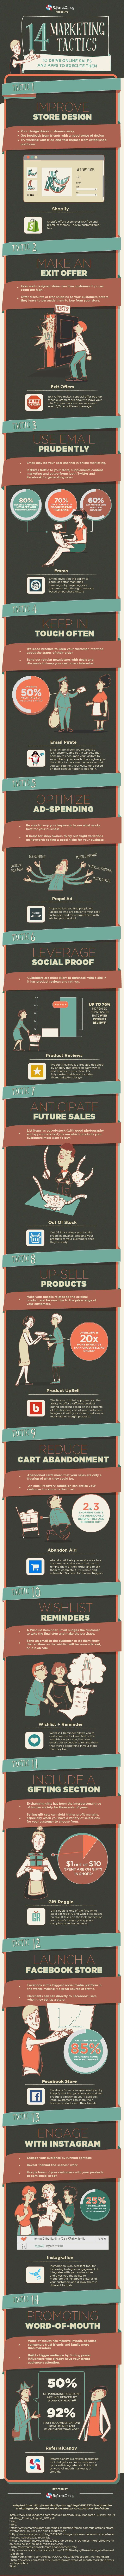 14 Remarkable Ways to Improve Online Sales